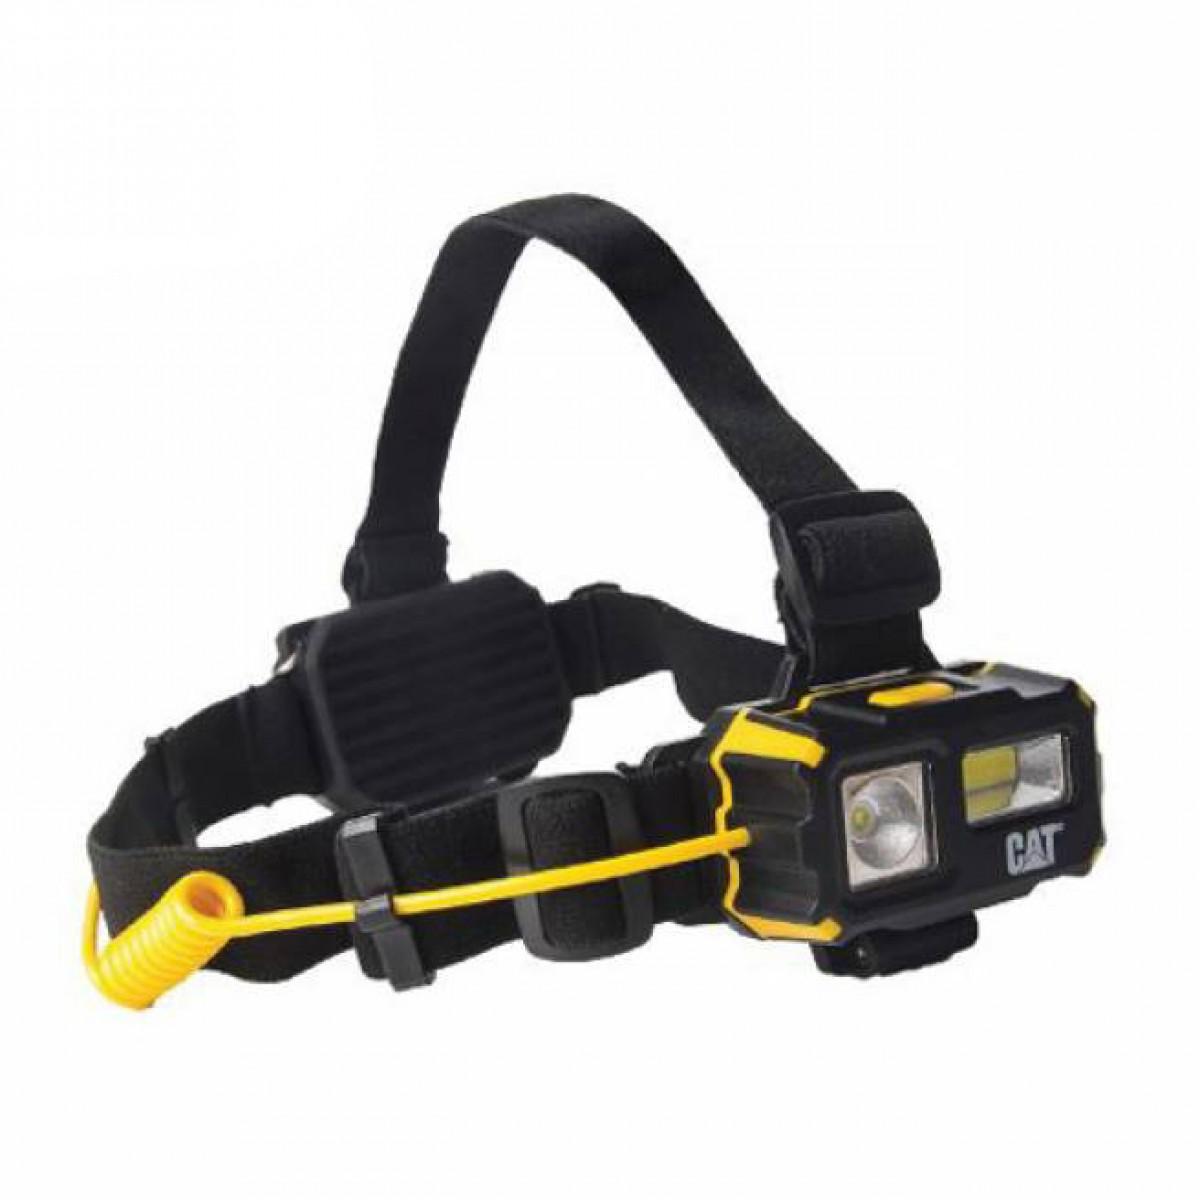 Φακός κεφαλής 4 λειτουργιών COB LED 120 & 250 Lumens CT4120 CAT Lights